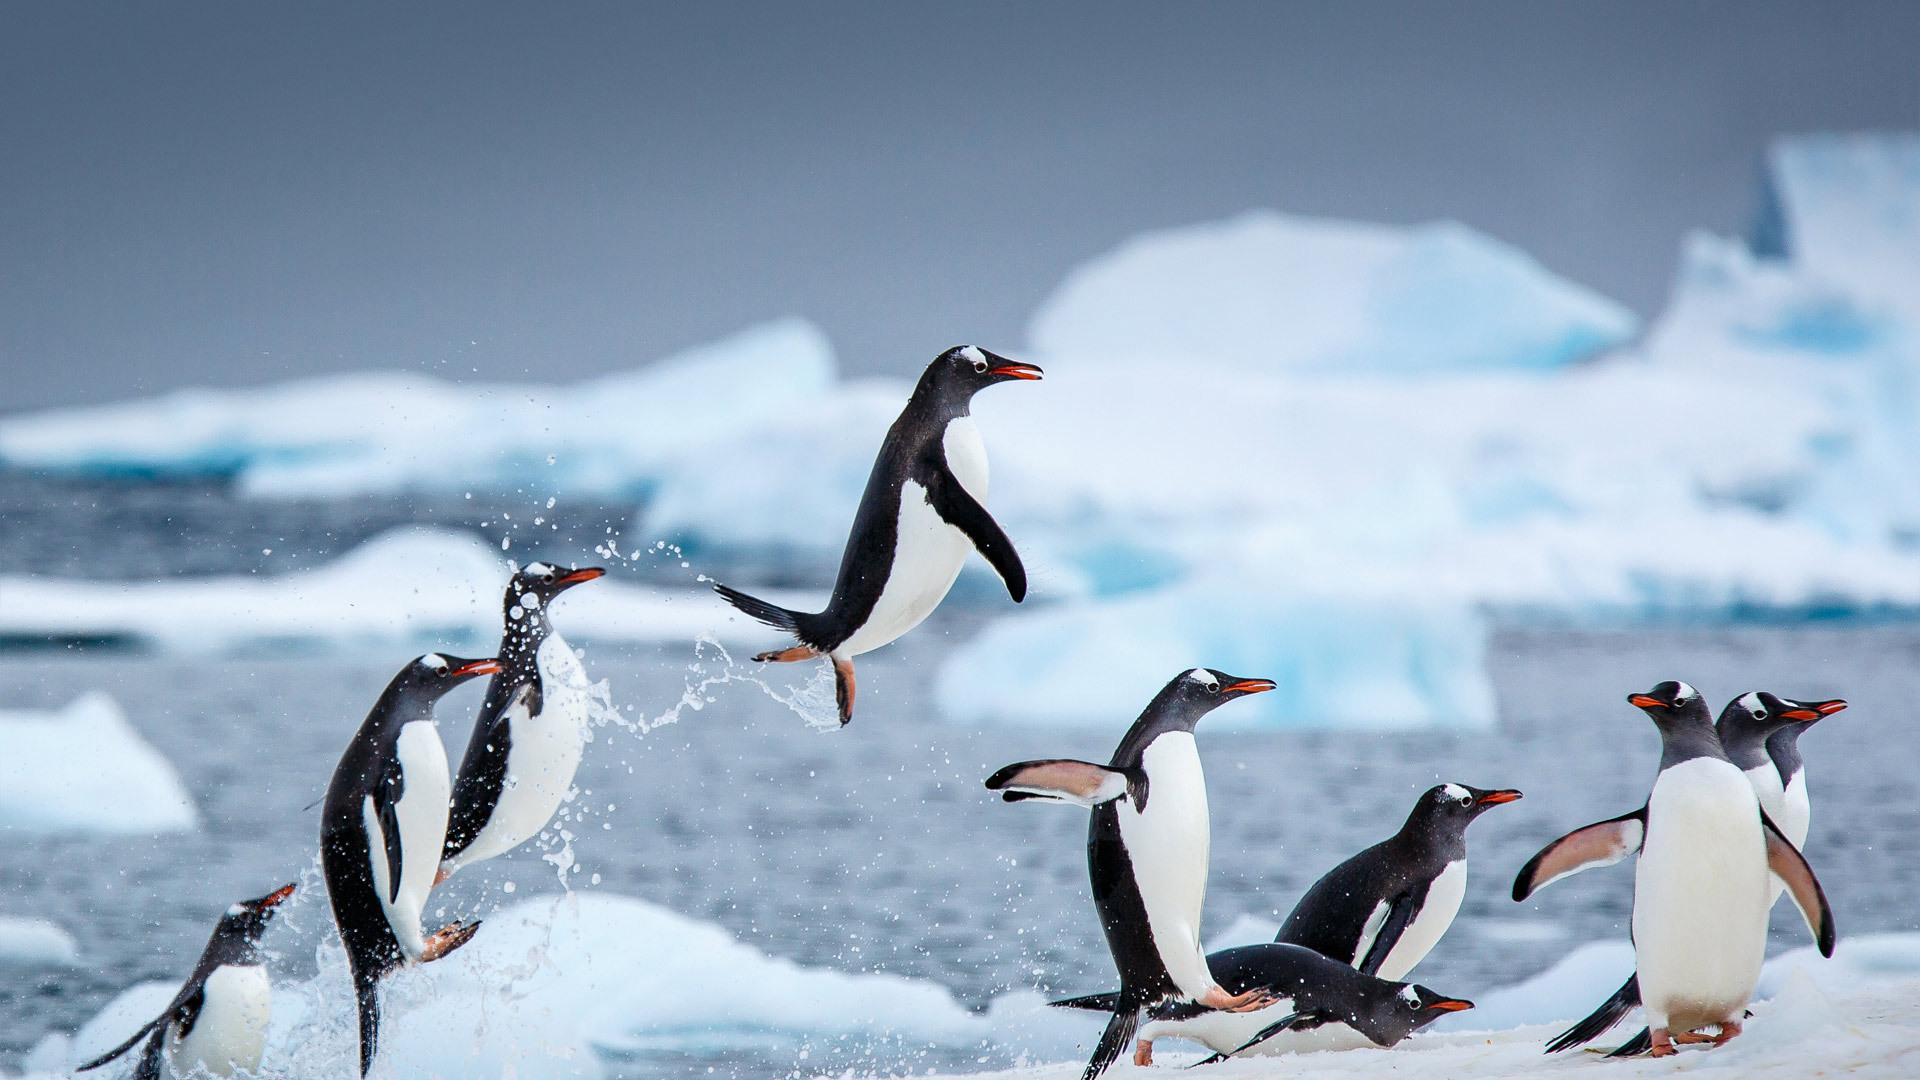 南极丹科岛附近的巴布亚企鹅 巴布亚企鹅